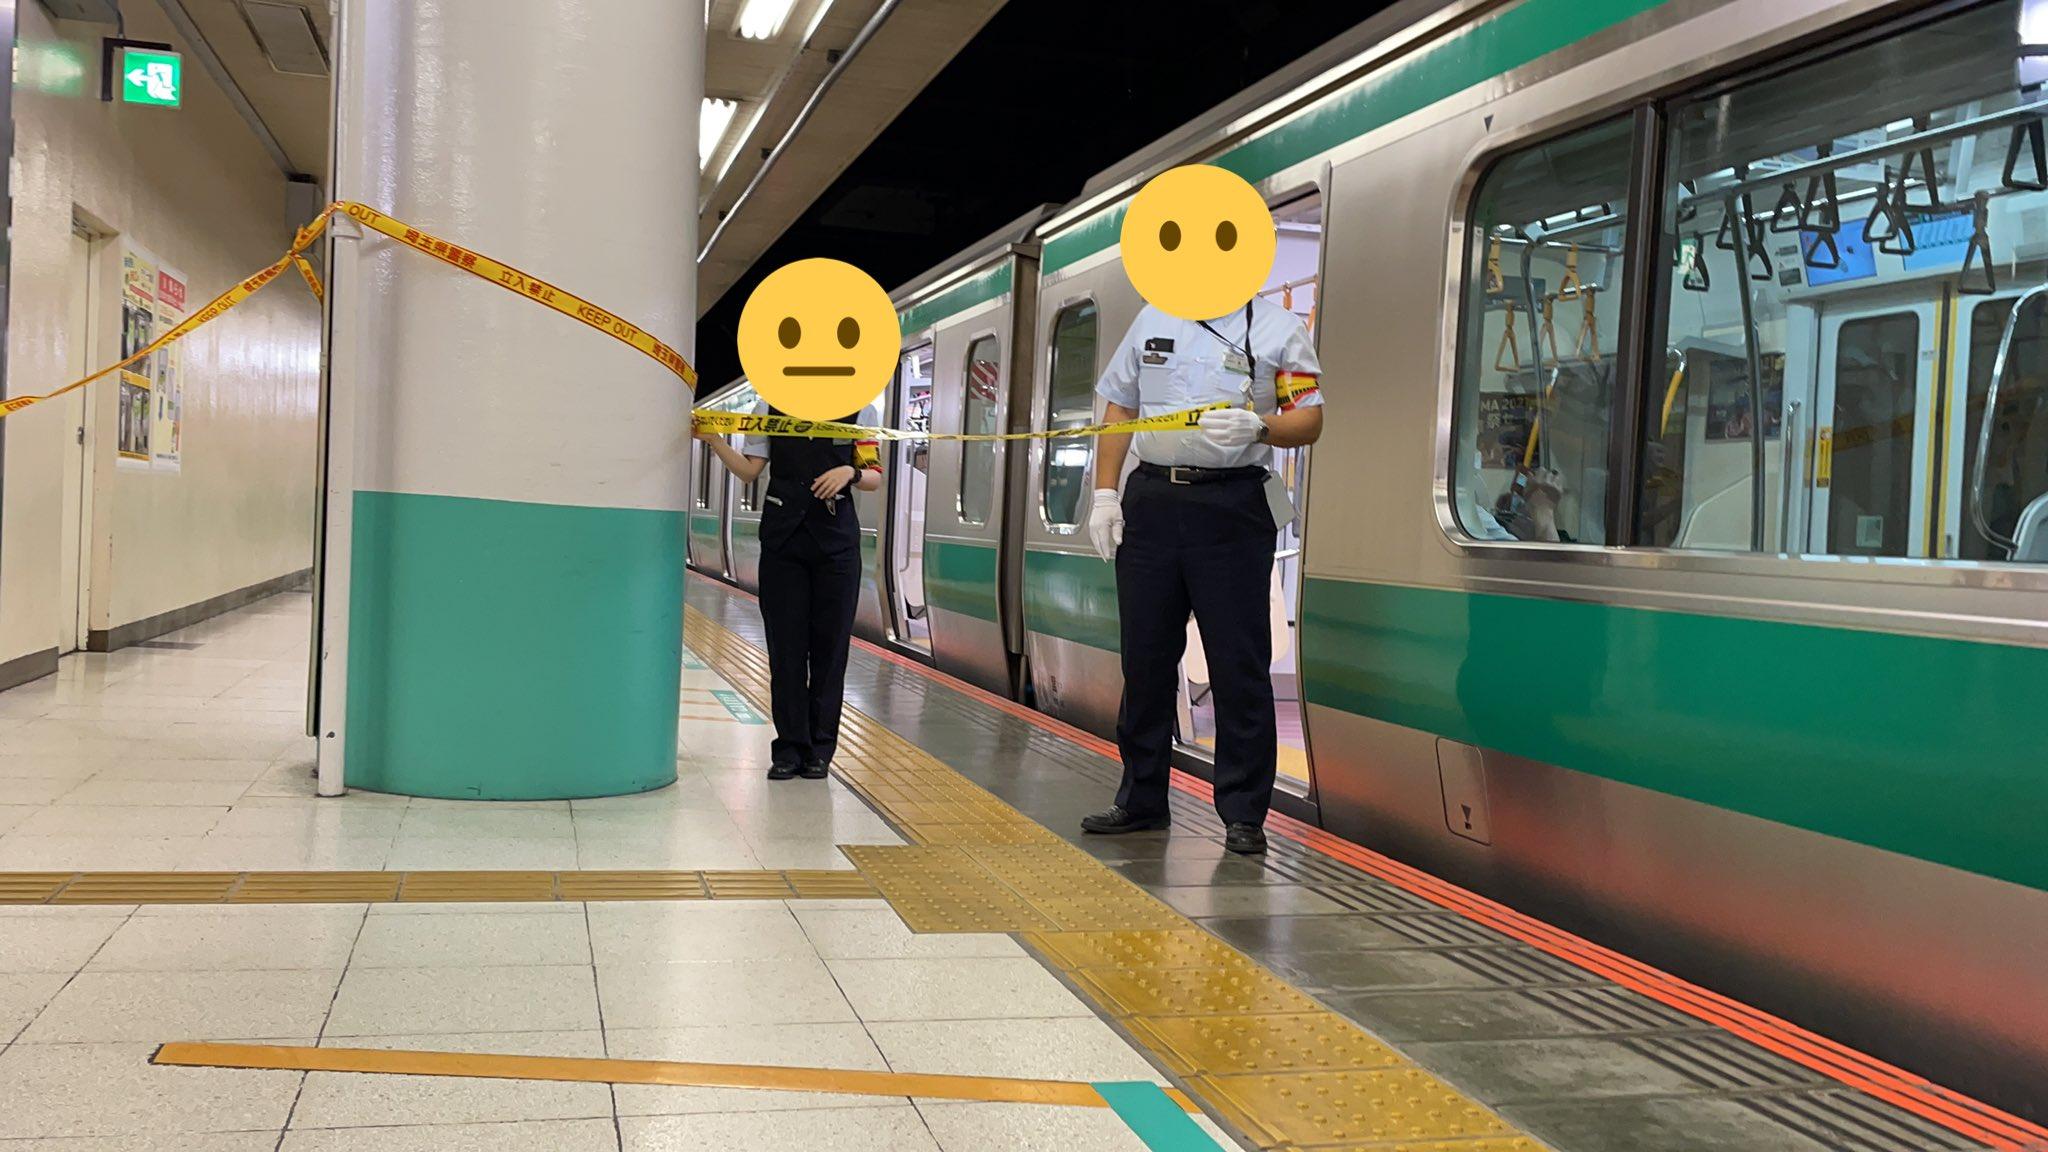 大宮駅で不審物発見によりホーム封鎖 埼京線一時運転見合わせ